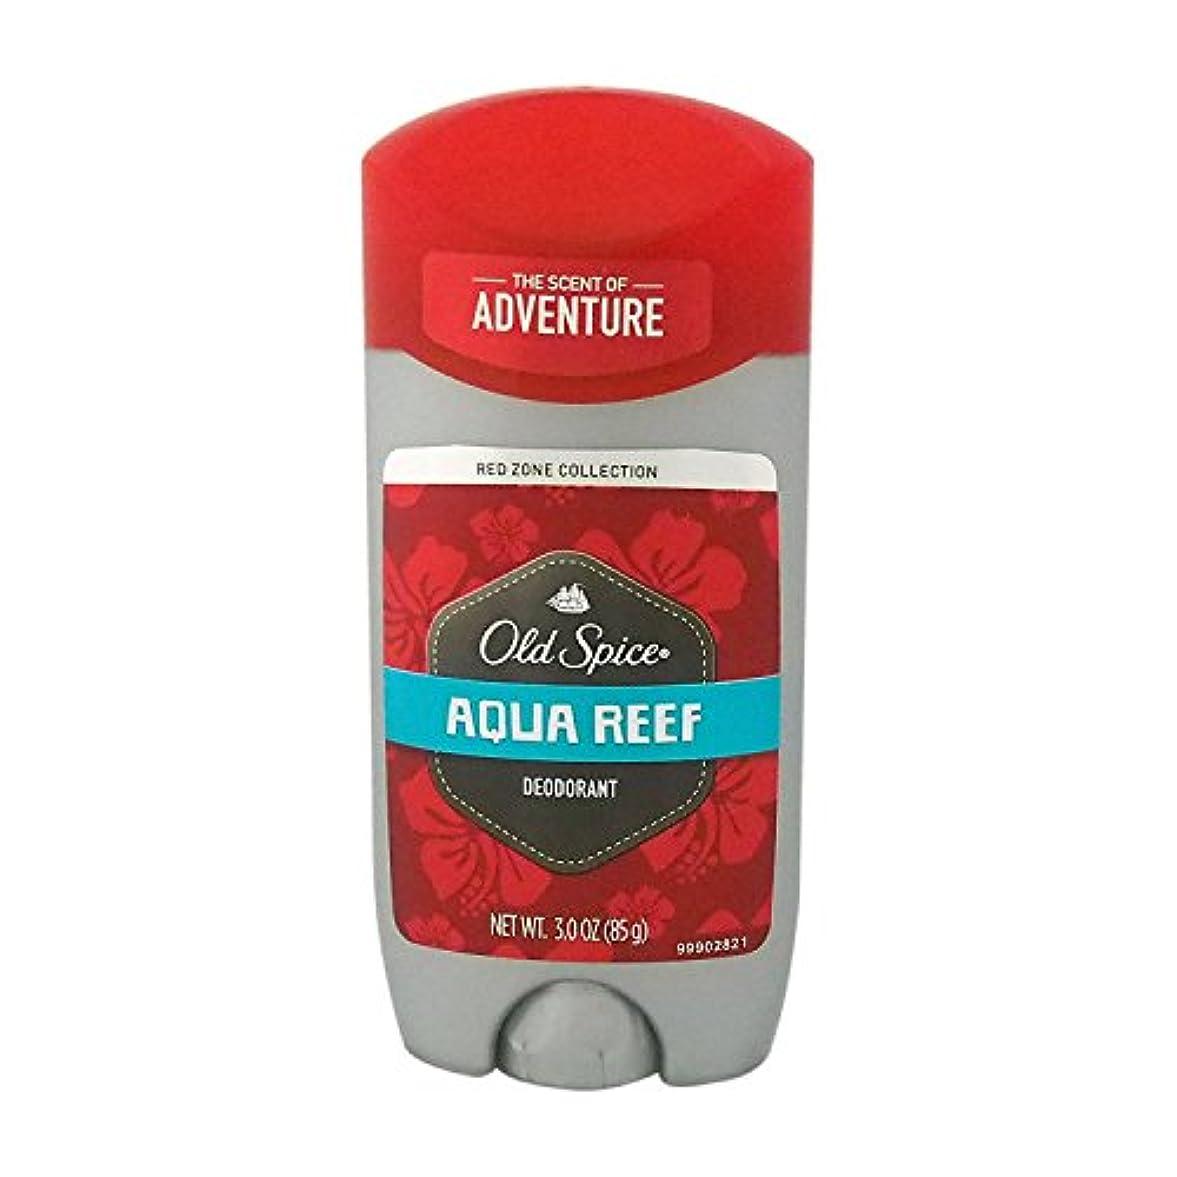 折るこれまで脊椎オールドスパイス(Old Spice) RED ZONE COLLECTION アクアリーフ デオドラント 85g[並行輸入品]